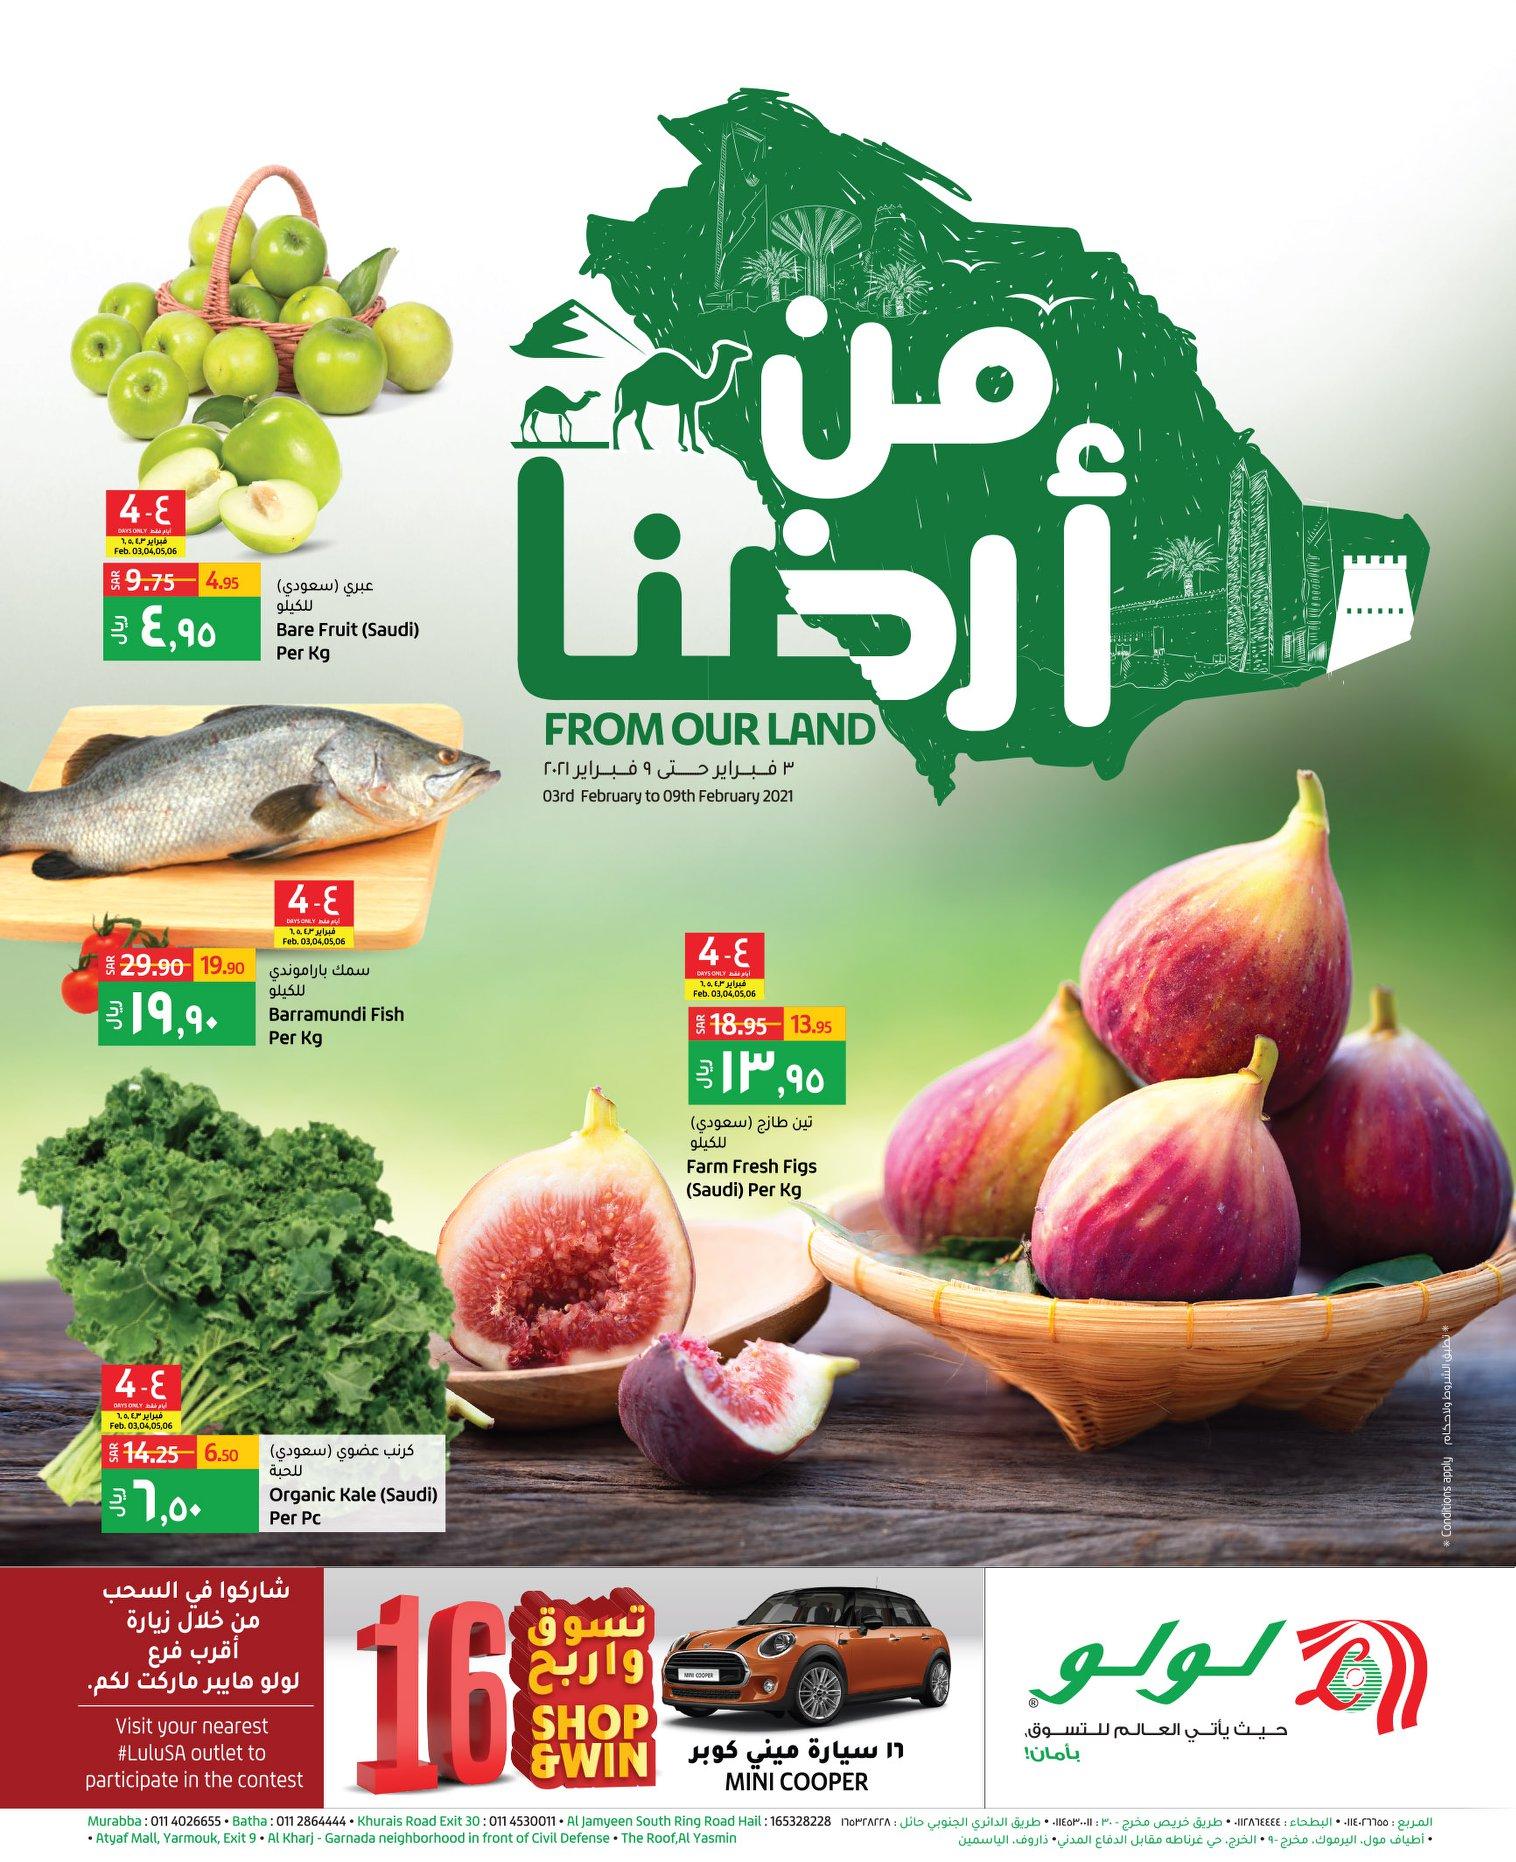 عروض لولو الرياض اليوم 3 فبراير حتى 9 فبراير 2021 من أرضنا